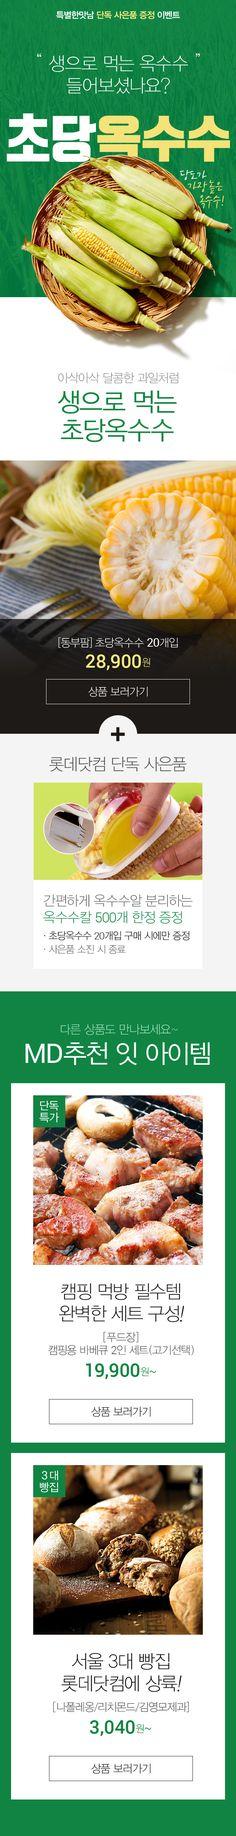 특별한맛남_초당옥수수(Mobile)_170705_Designed by박아름